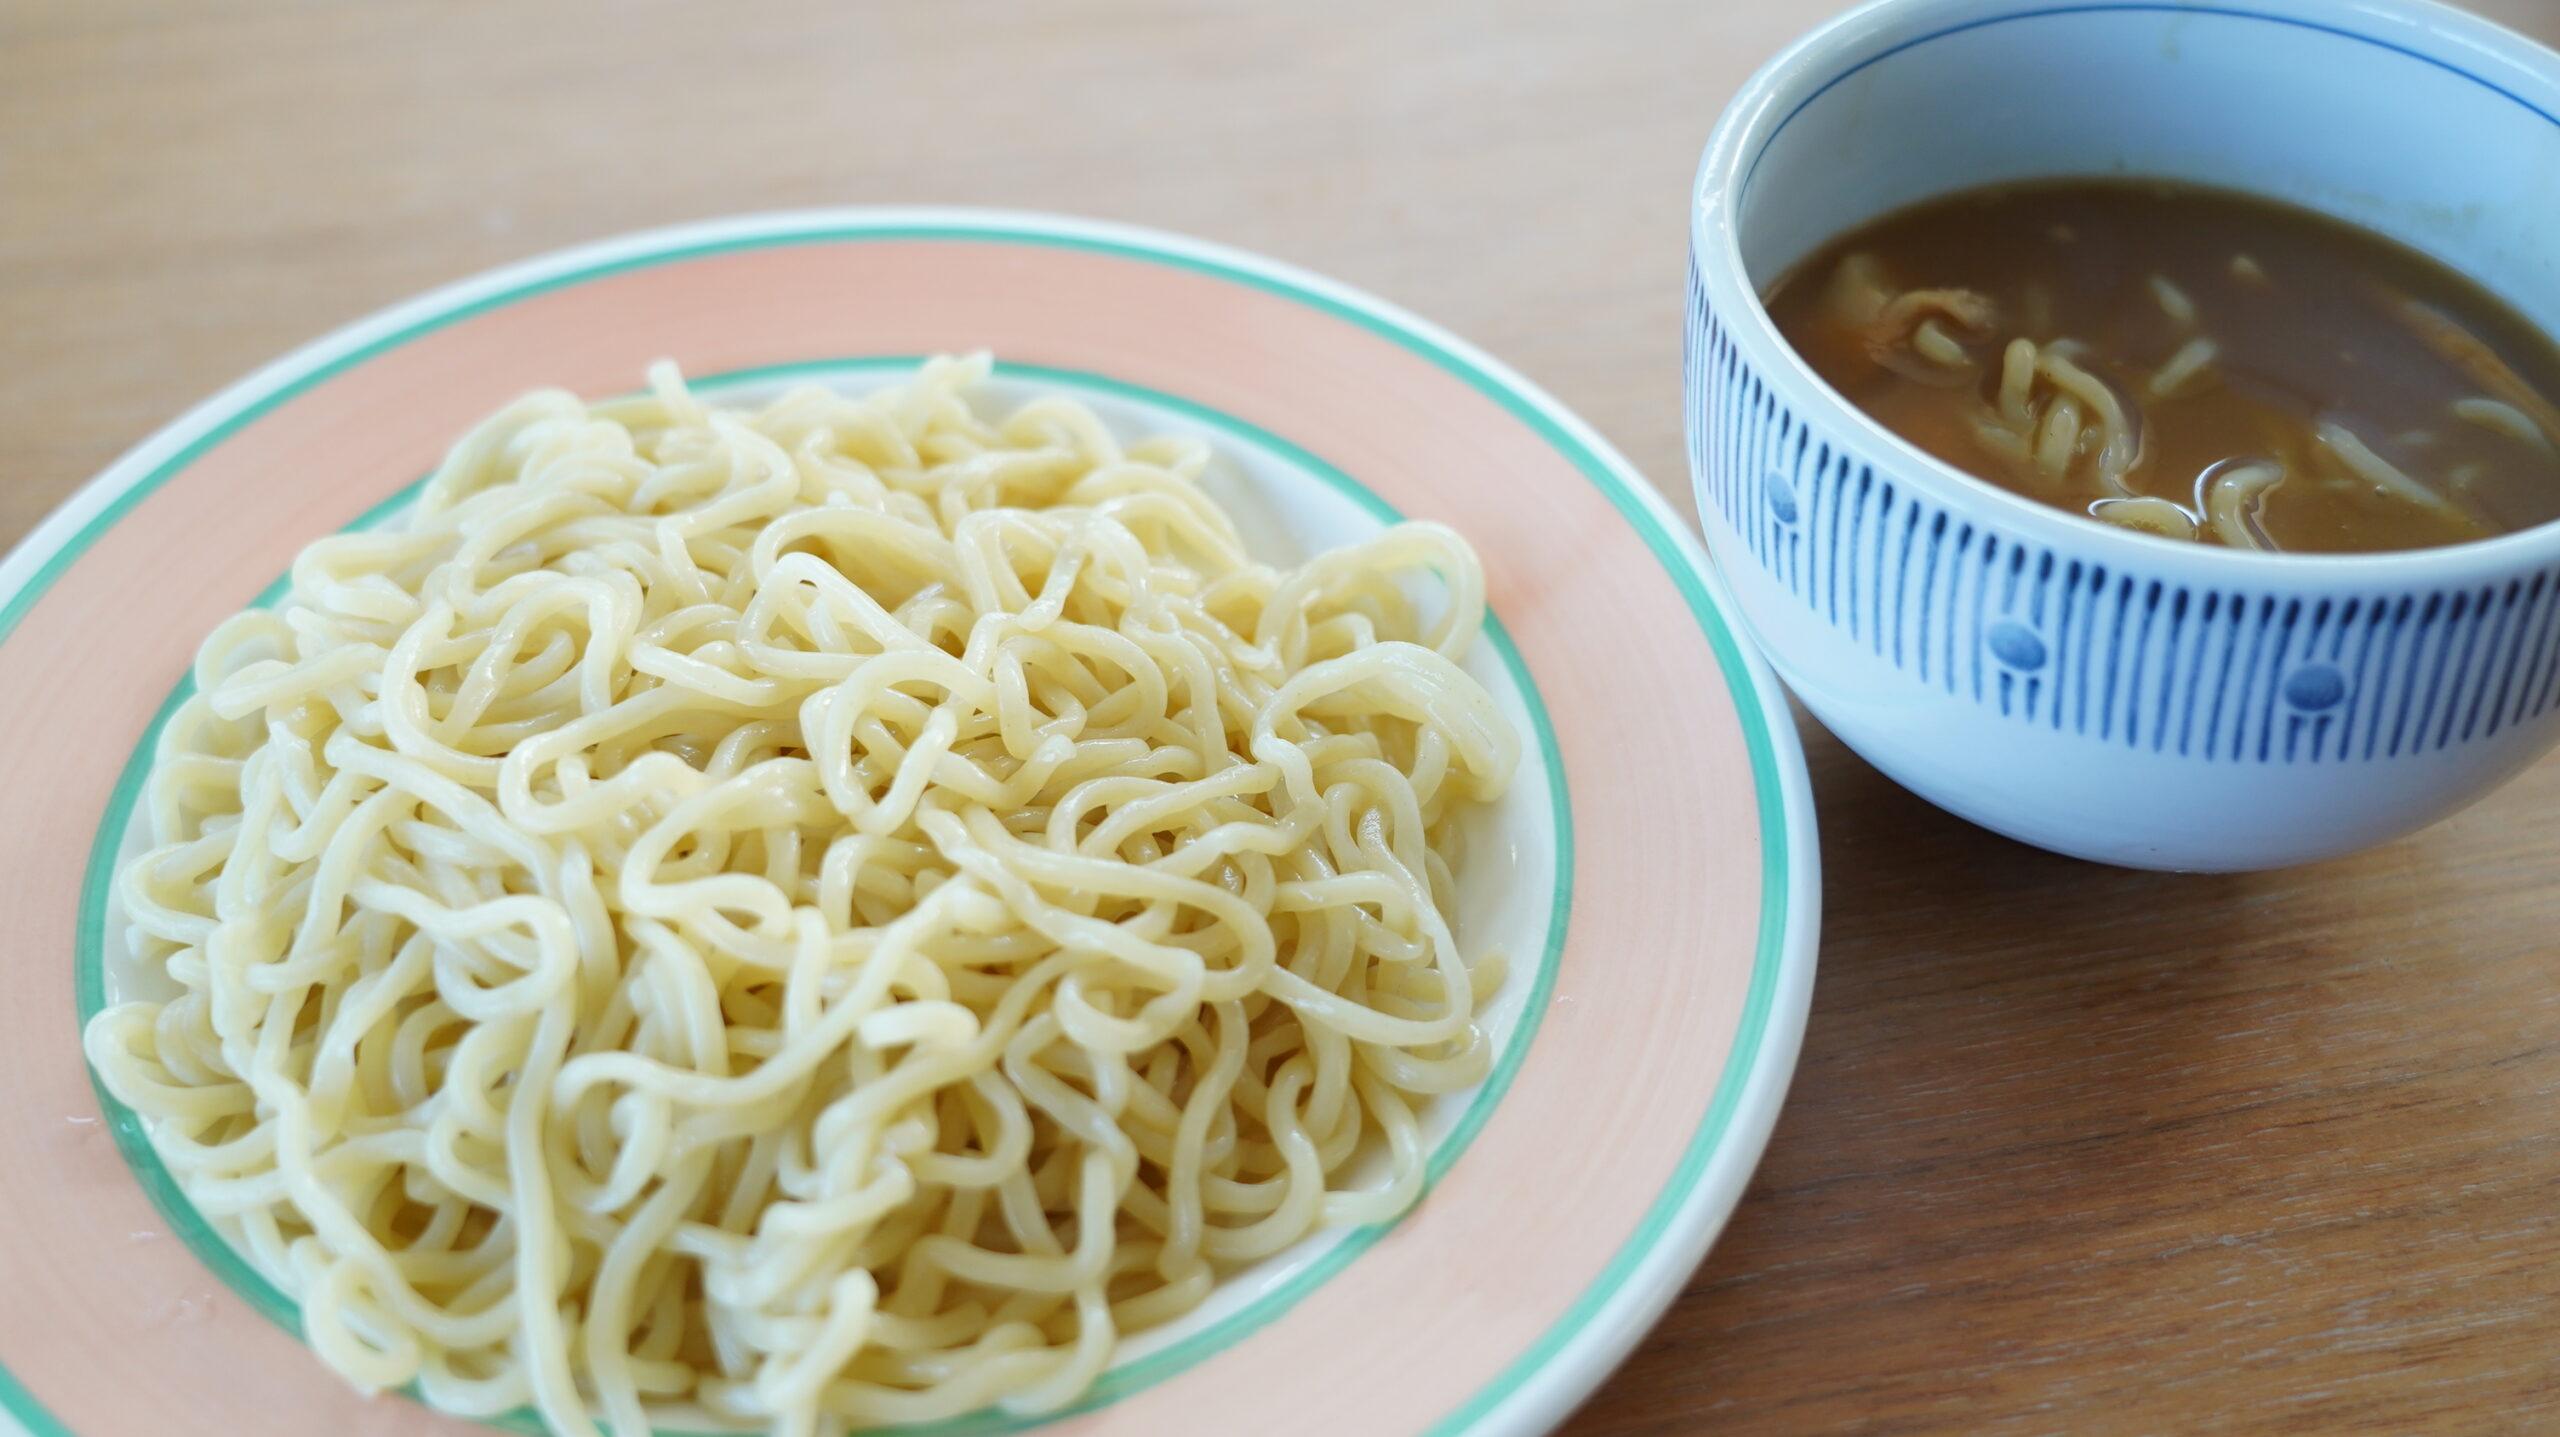 「風雲児」の「つけめん」をオンライン通販でお取り寄せした冷凍ラーメンの麺とスープの写真